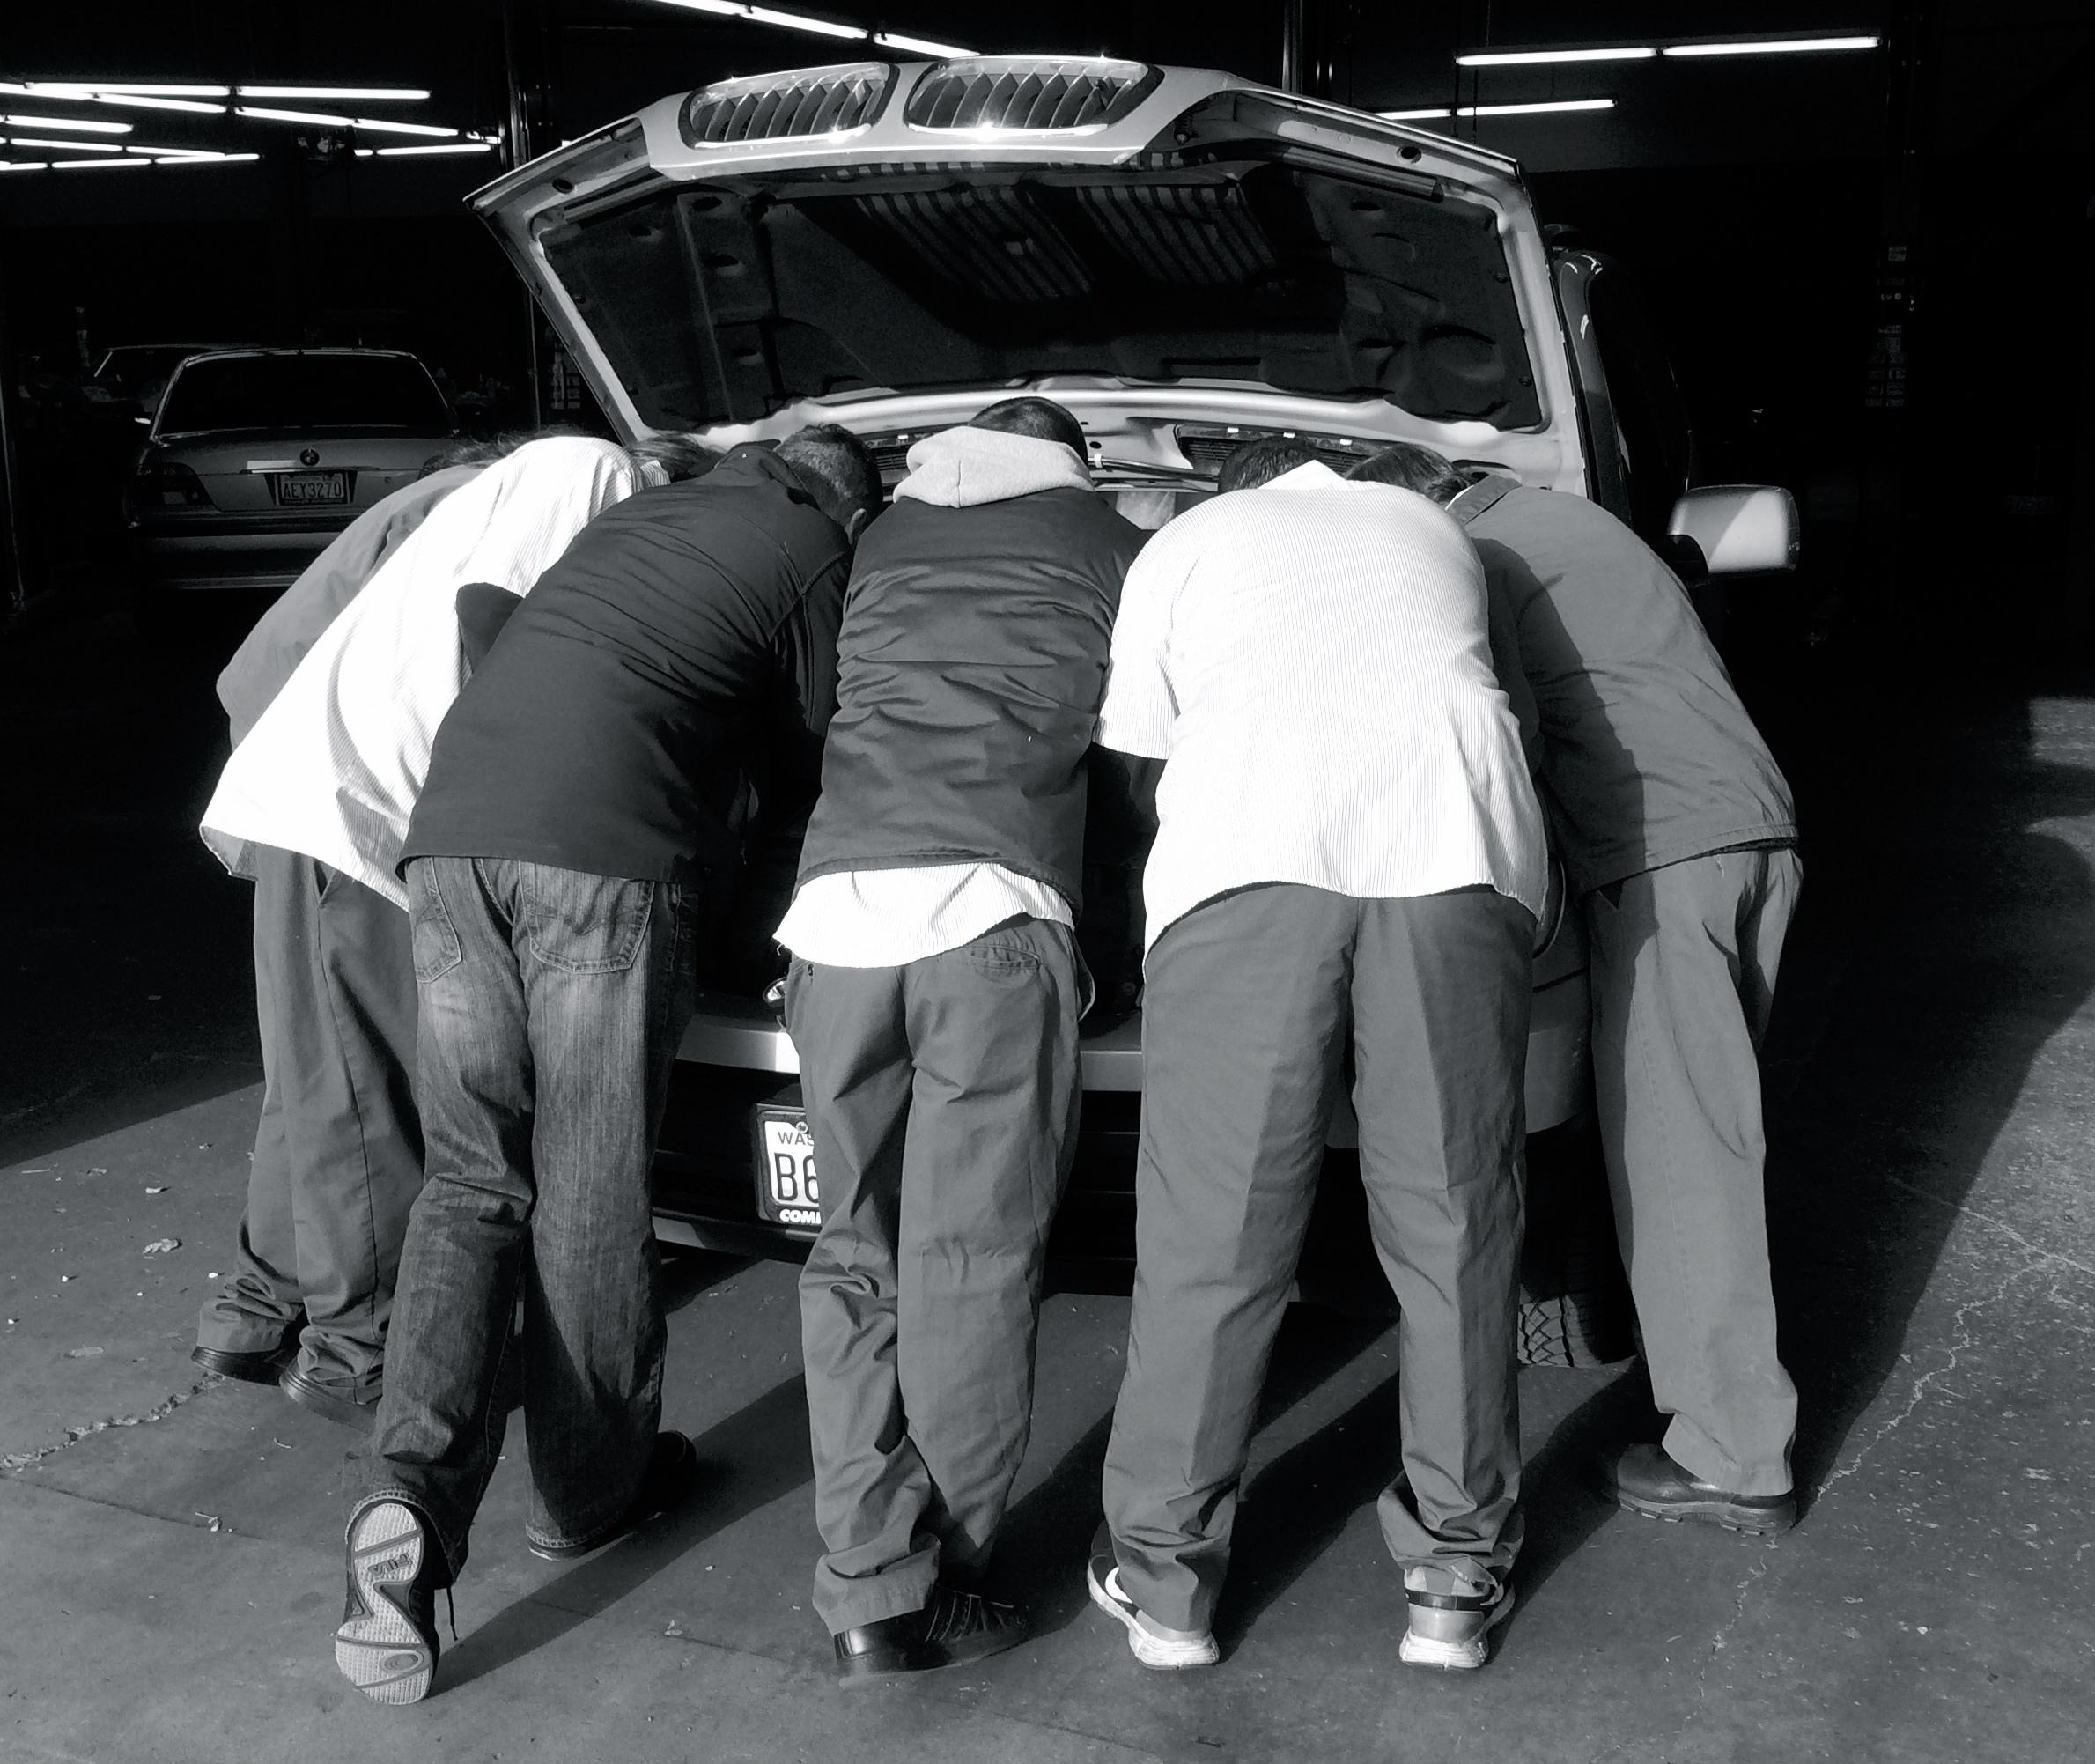 Car Repair Seattle Luxury Car Service Complete Automotive - Porsche repair seattle